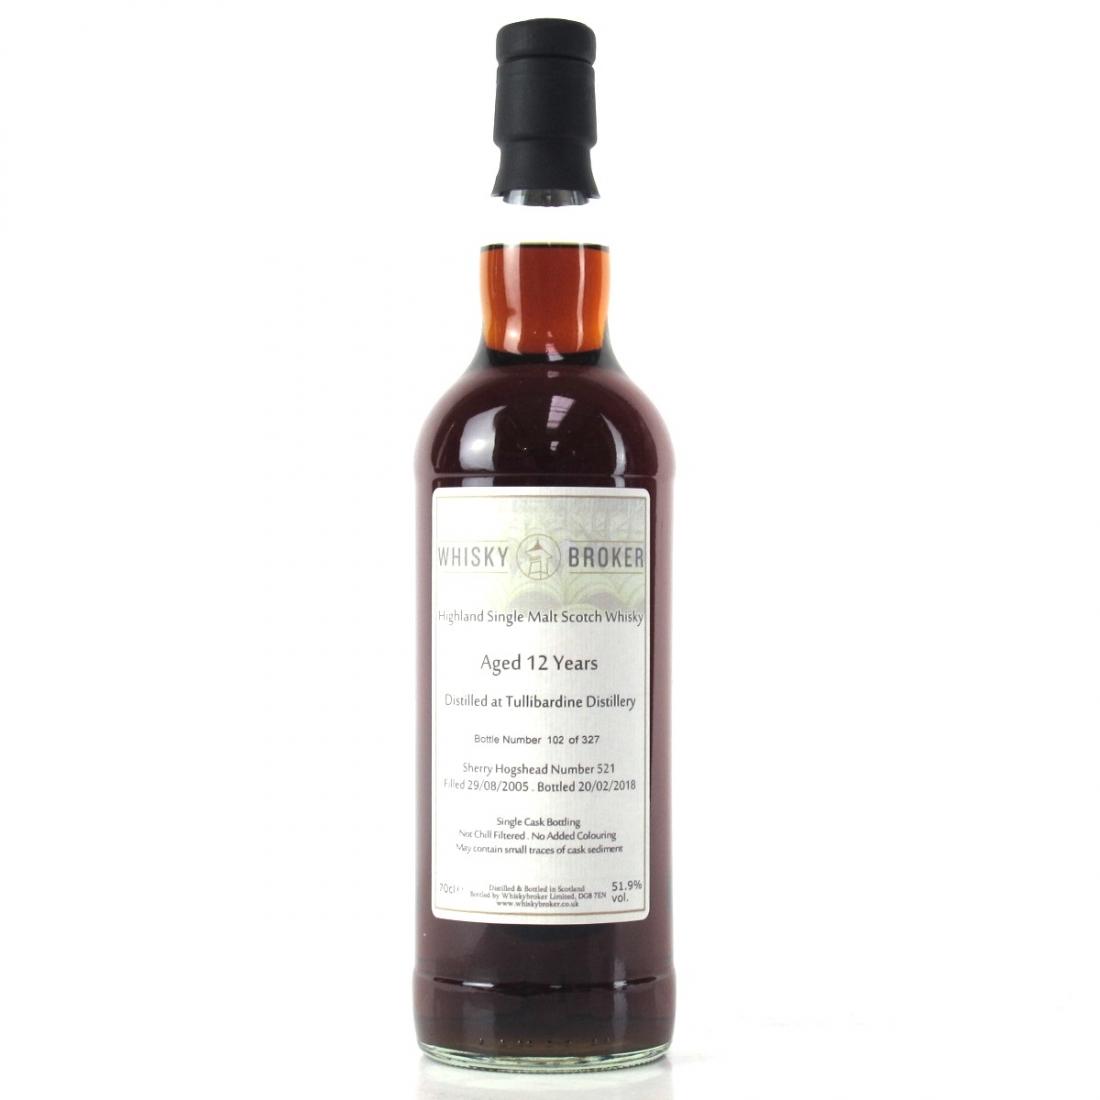 Tullibardine 2005 Whisky Broker 12 Year Old